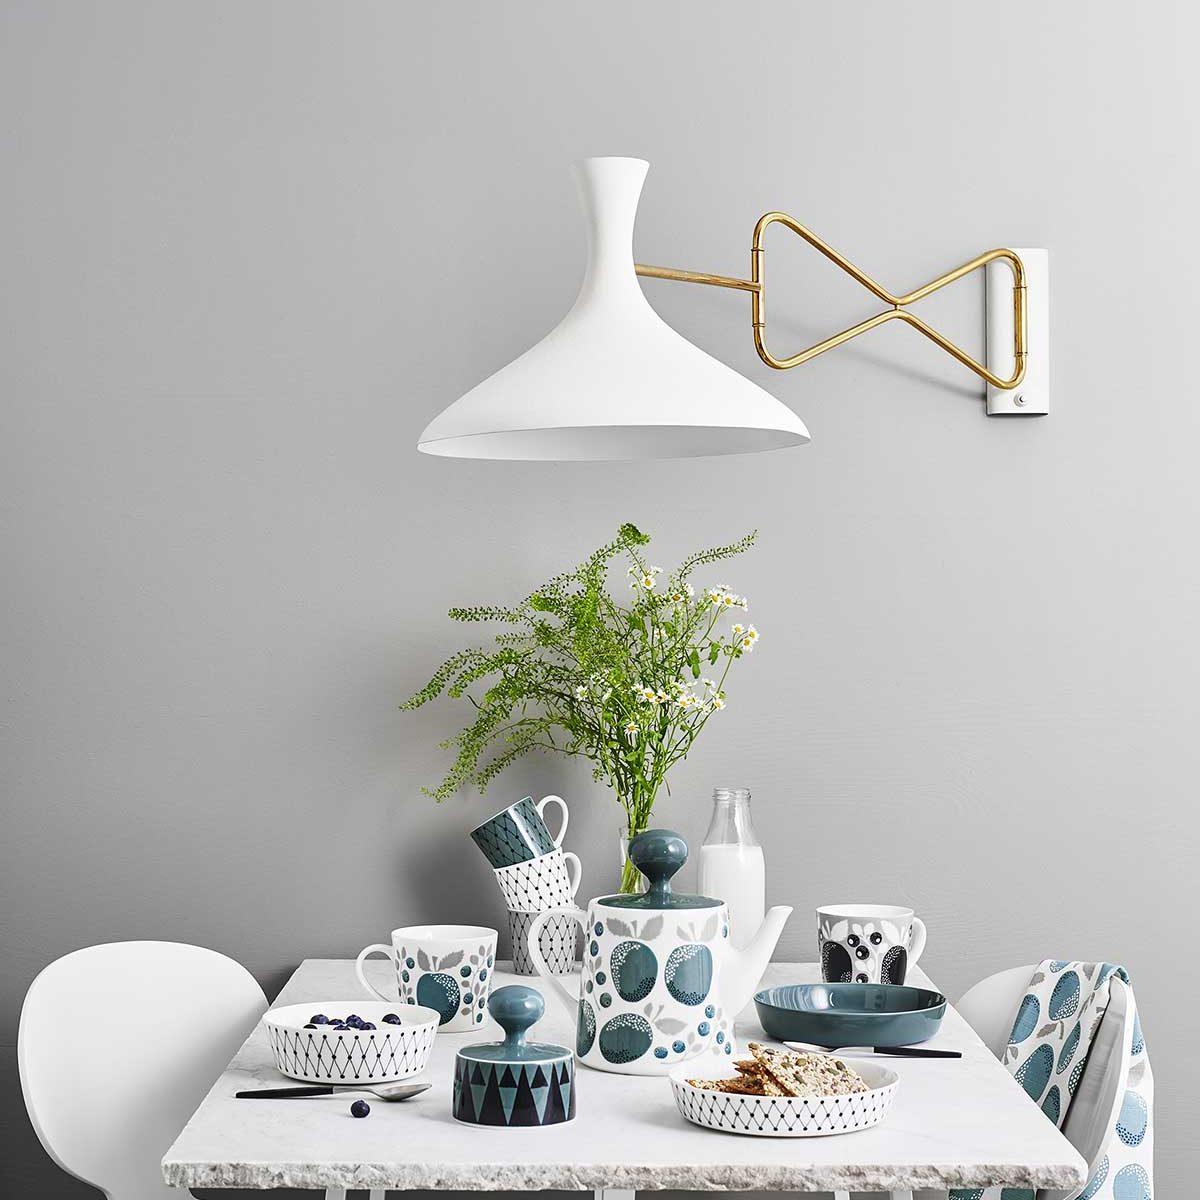 Accessori cucina con i migliori oggetti di design scandinavo